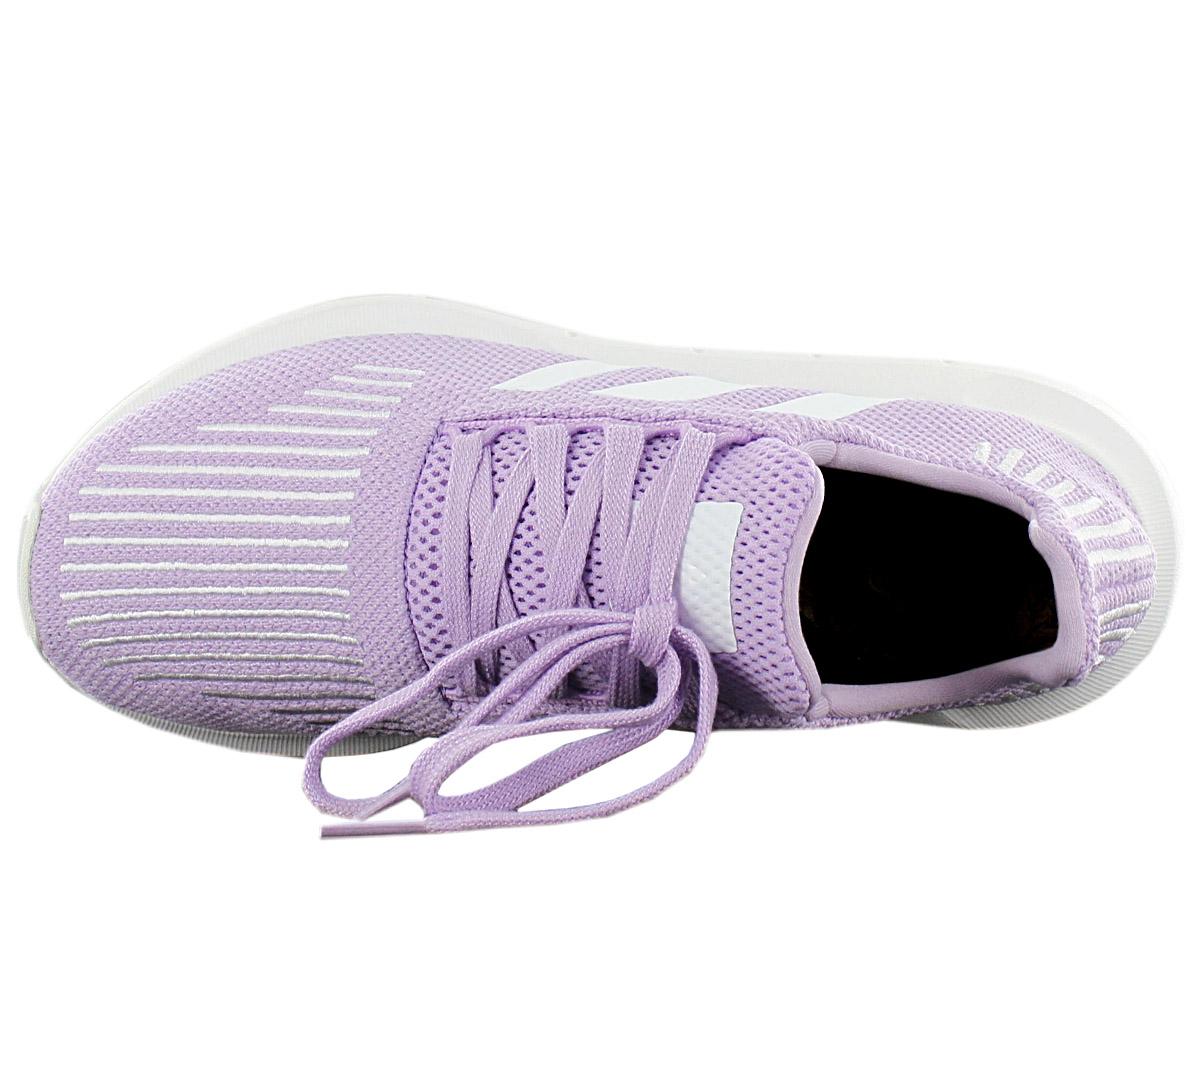 Details zu adidas Originals Swift Run Damen Sneaker DA8729 Violett Schuhe Turnschuhe NEU